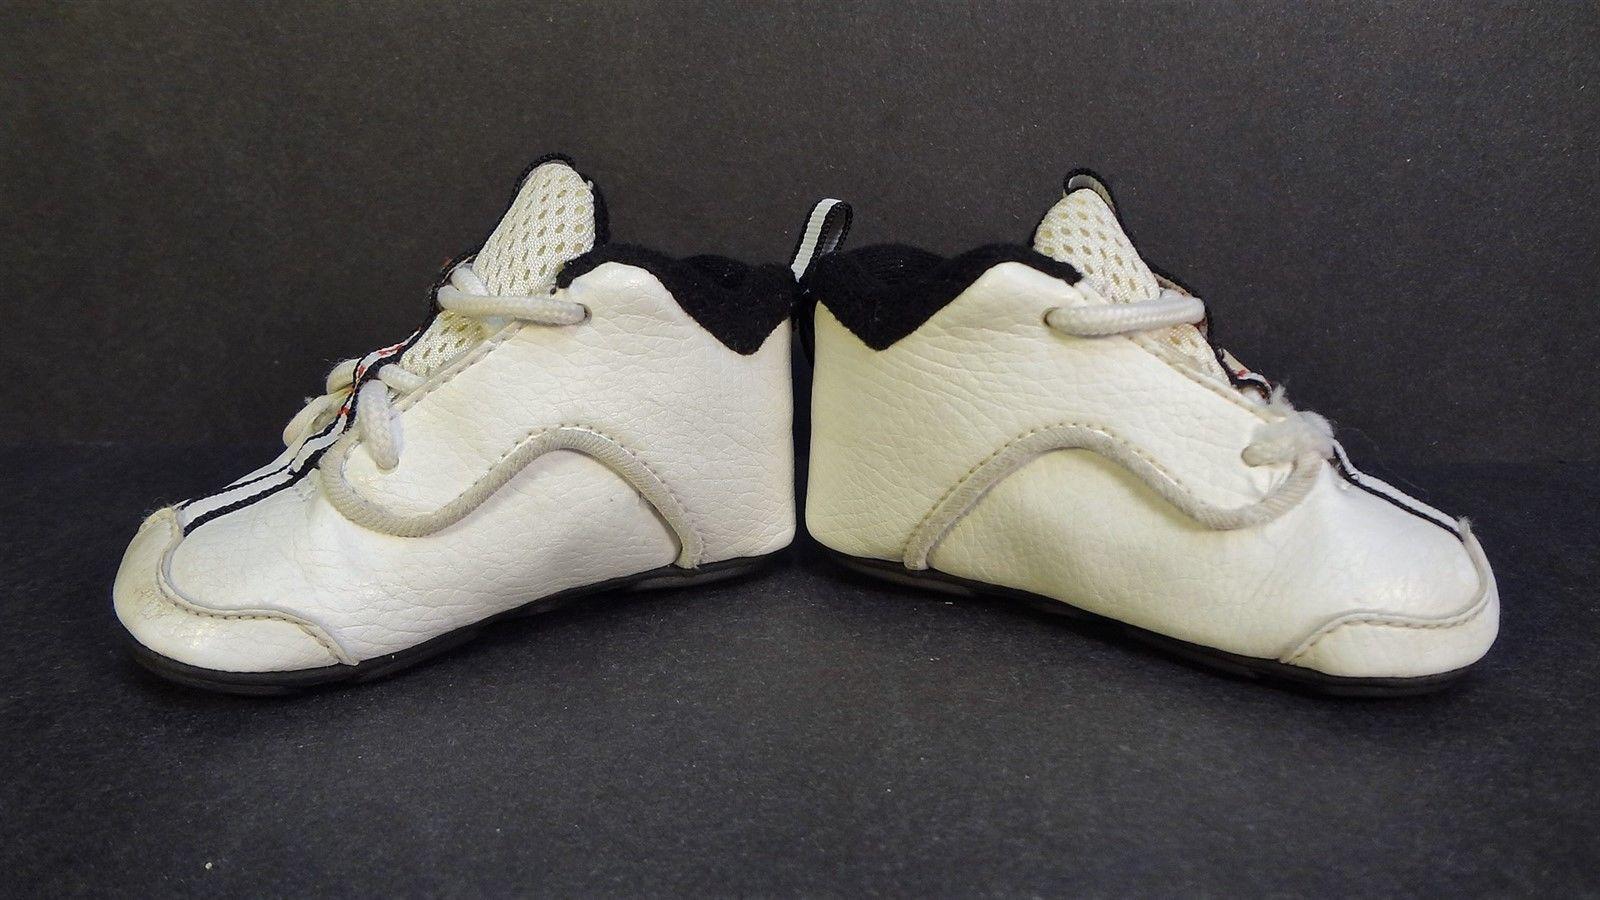 1f703ba11a31 OG Nike Air Jordan Jumpman Pro Quick 1998 132009-161 Toddler Size 3C No Box